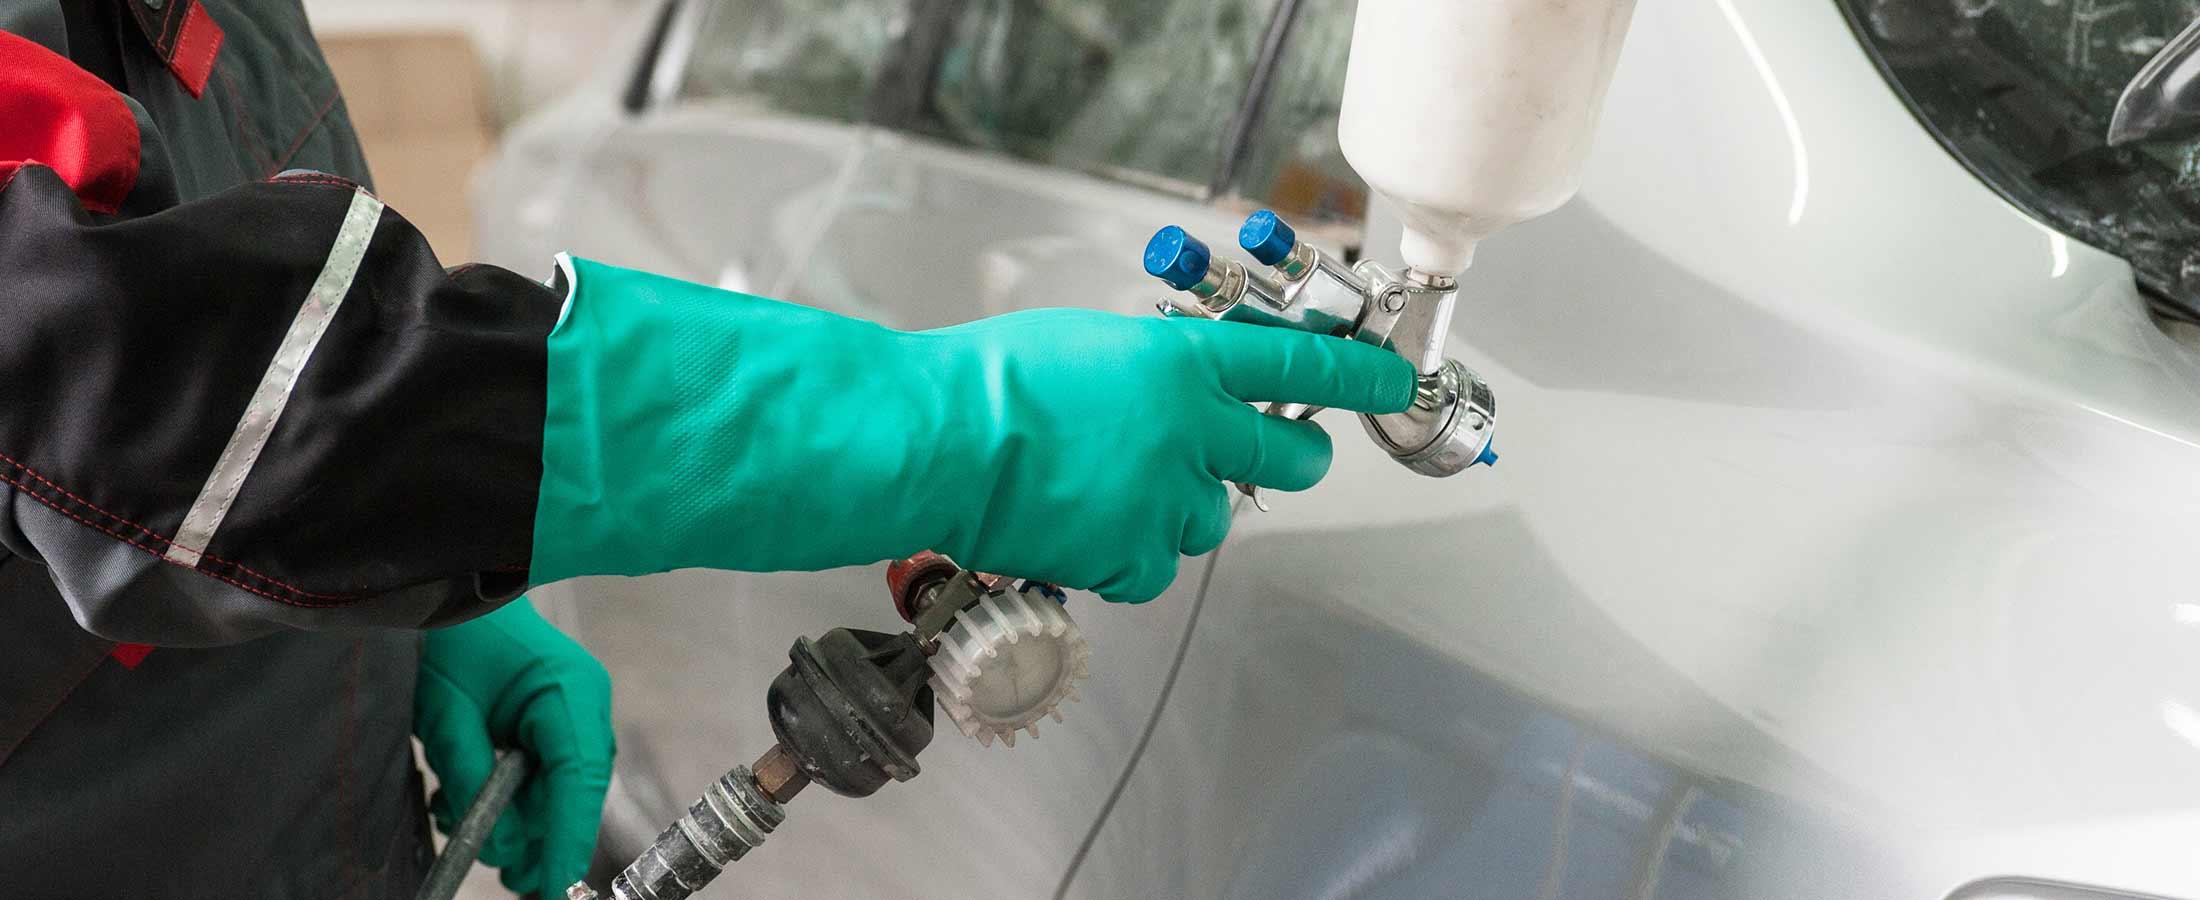 Car panel repair with spray gun